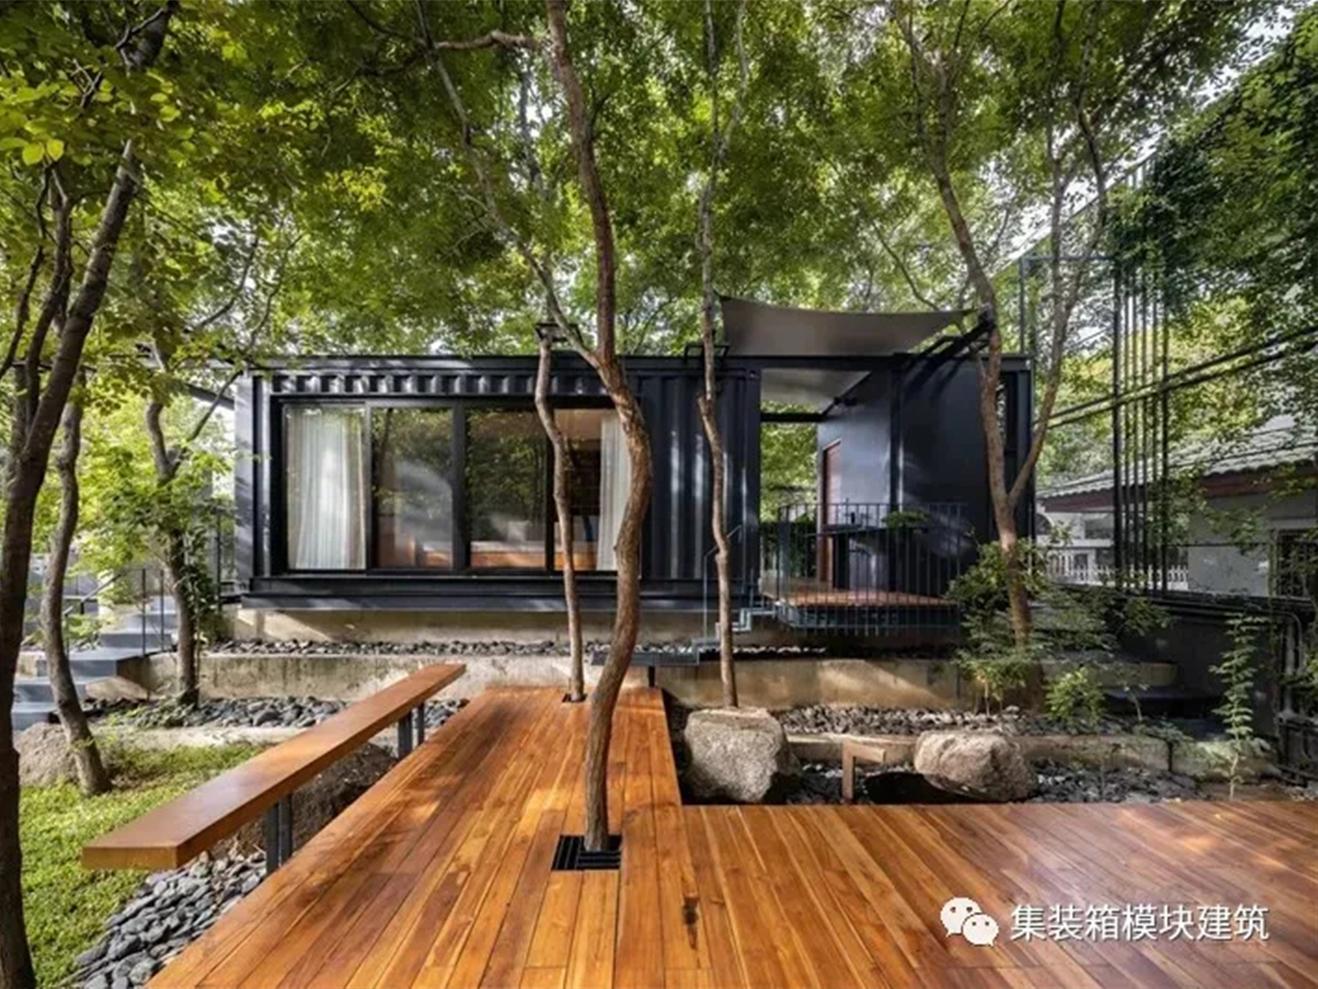 围绕树木长成的集装箱房,与自然融为一体!